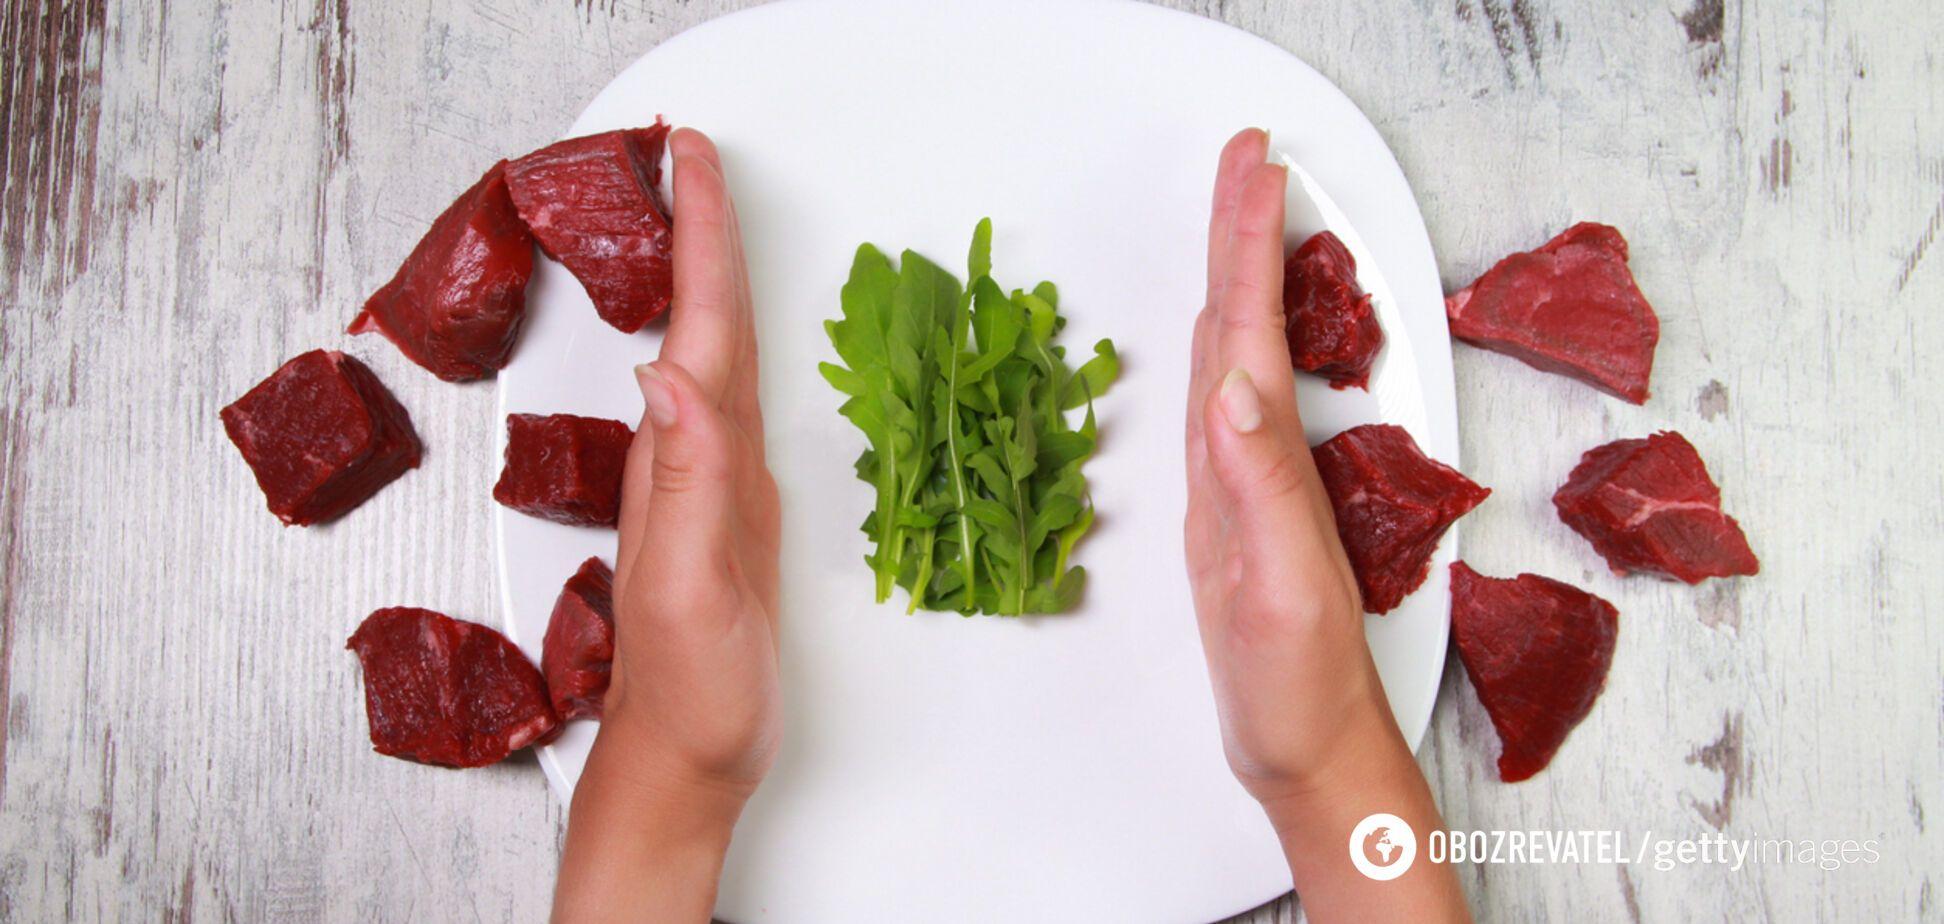 Что произойдет с организмом, если отказаться от мяса: результаты исследований